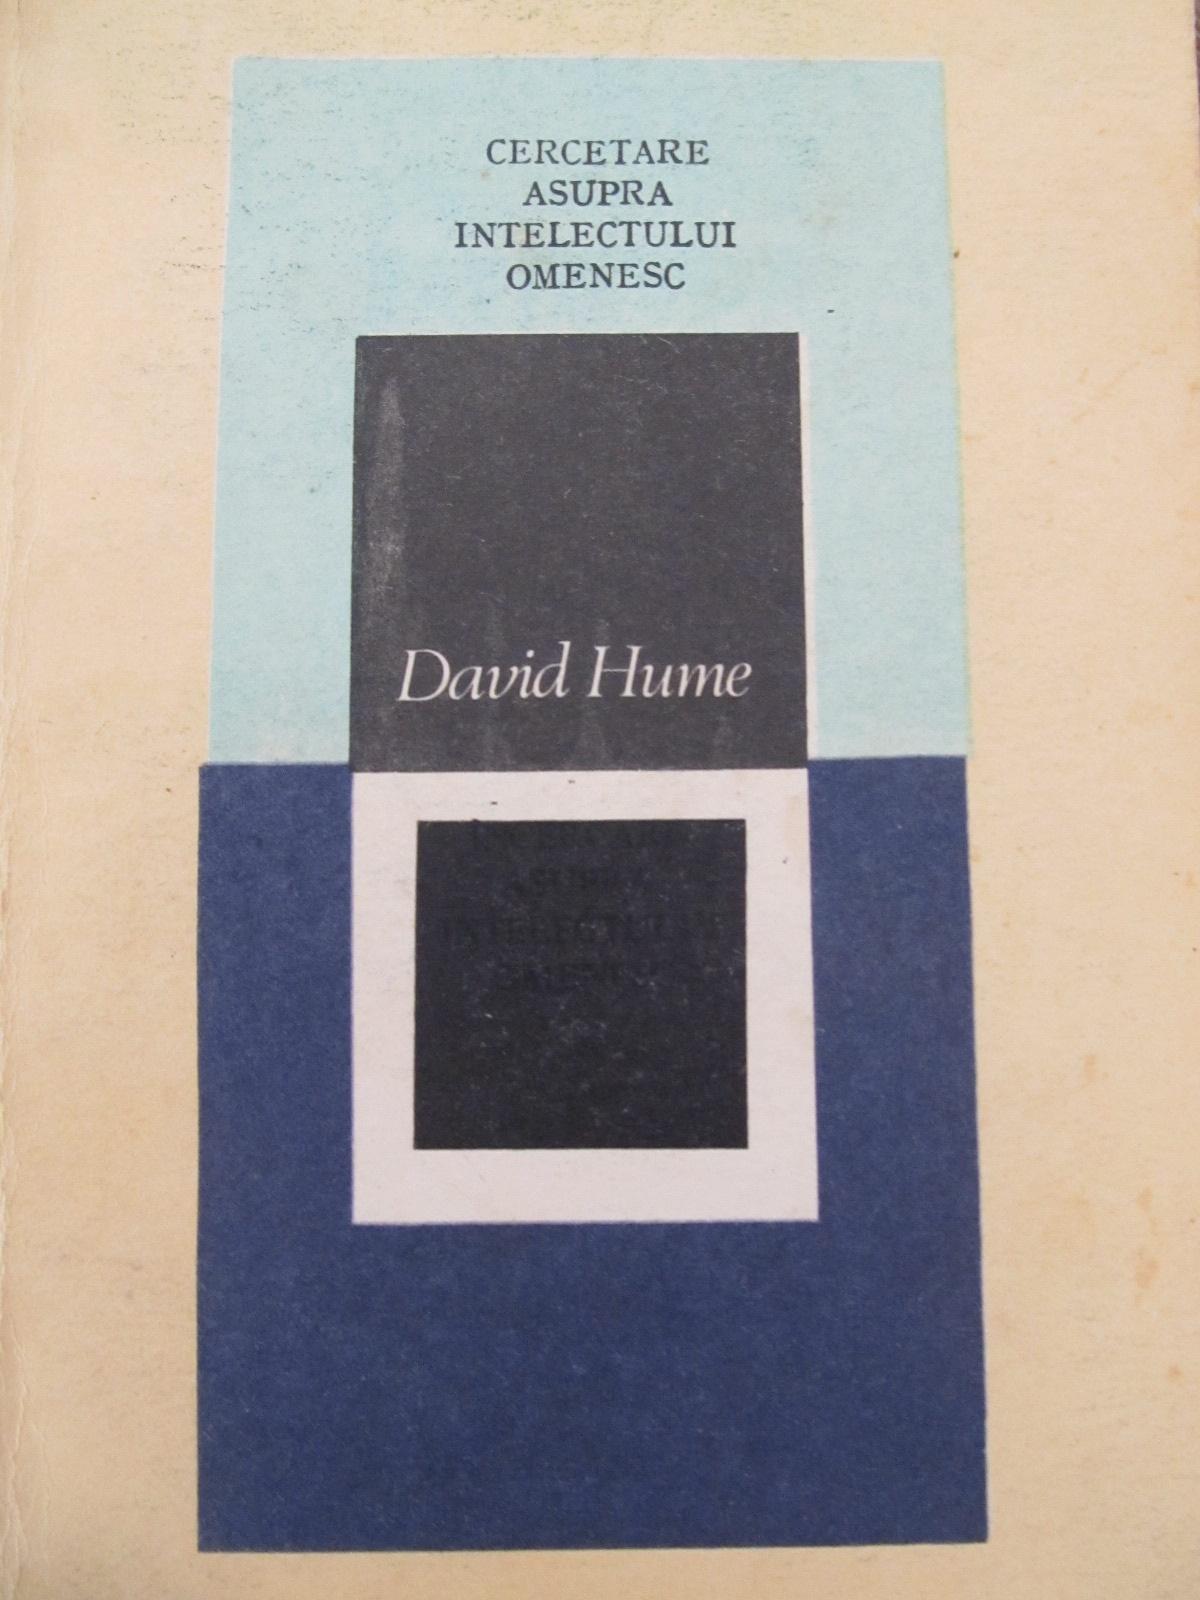 Cercetare asupra intelectului omenesc [1] - David Hume | Detalii carte